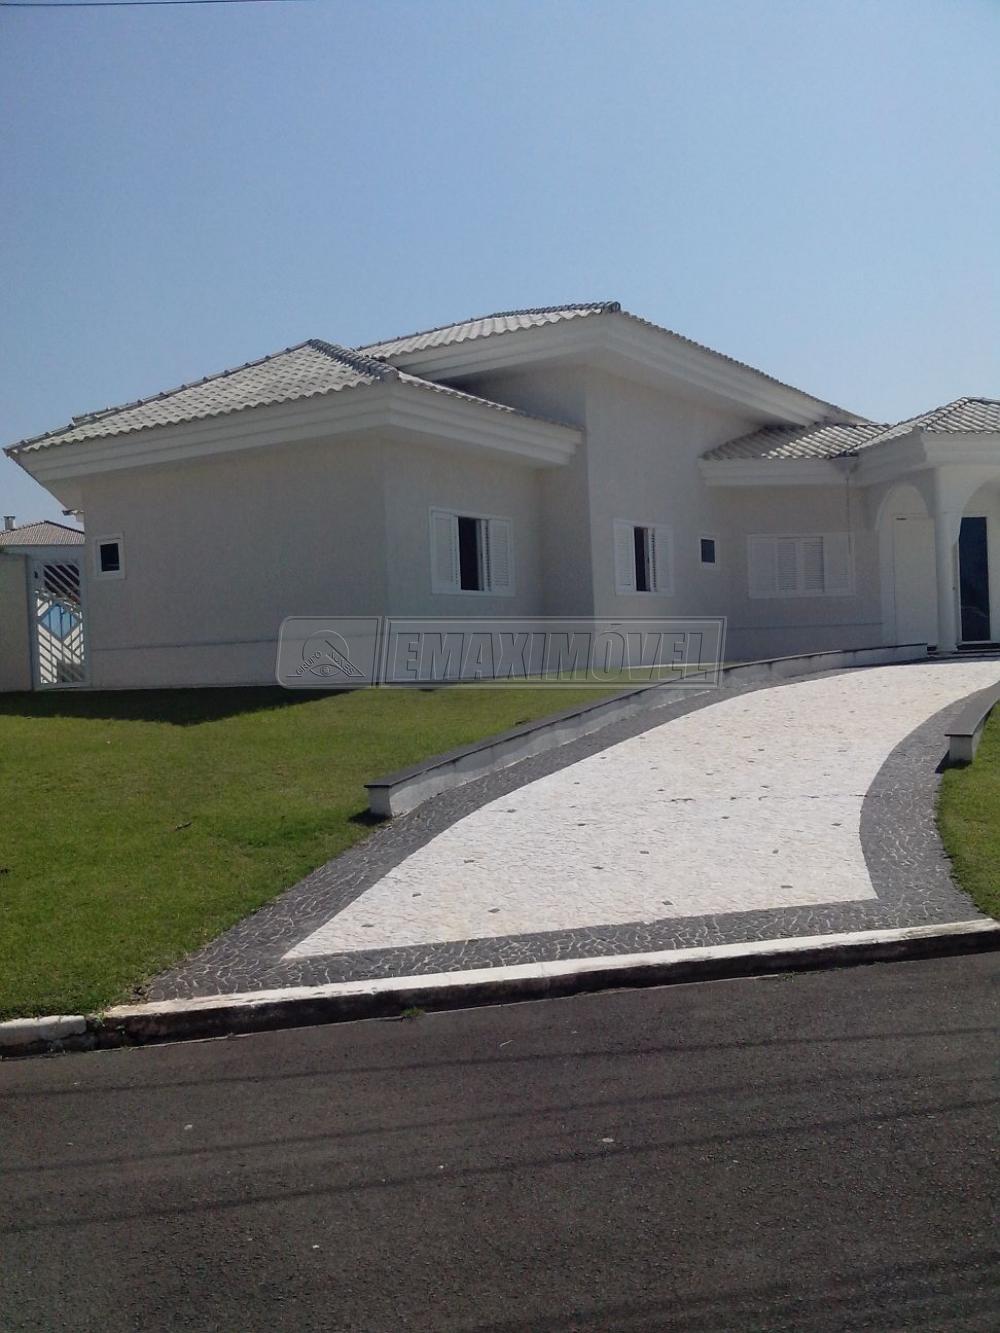 Comprar Casas / em Condomínios em Itu R$ 1.860.000,00 - Foto 2